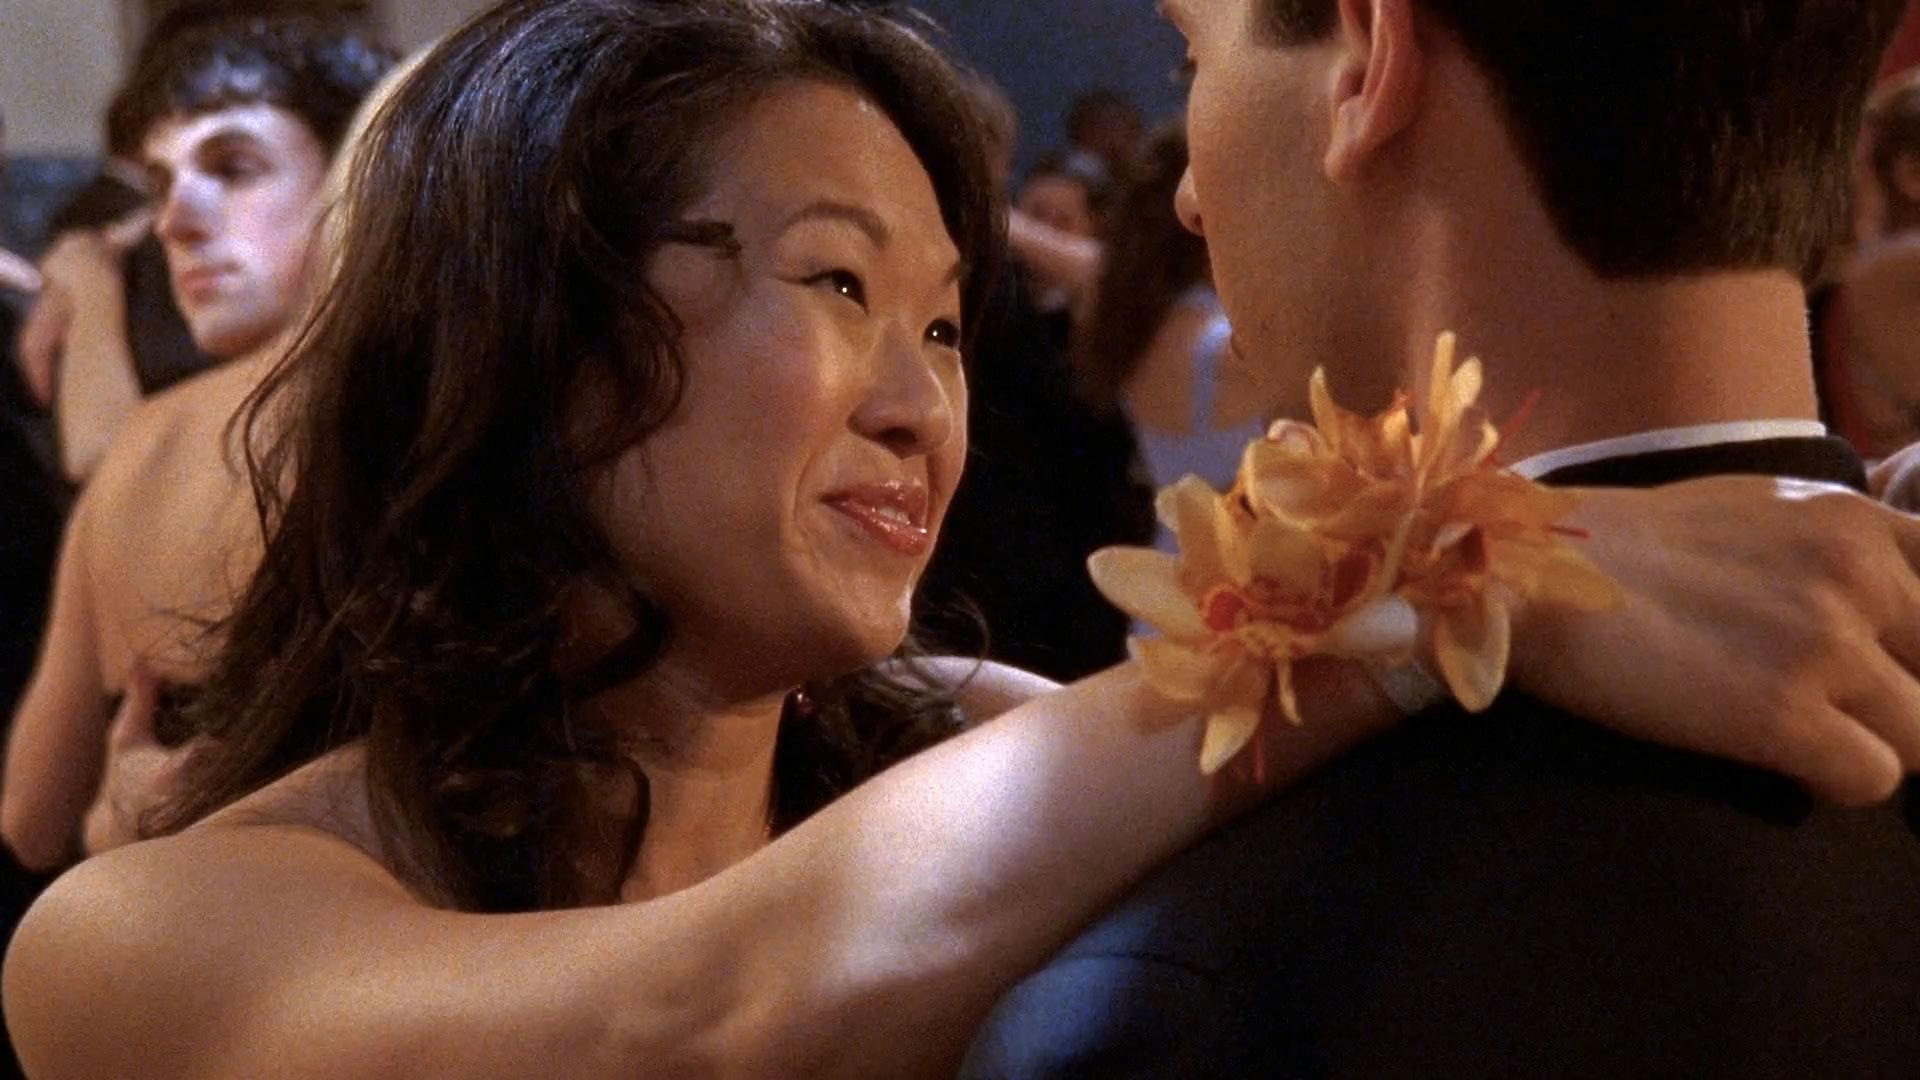 Scarlett Lam (Jeanie) et Justin Berfield (Reese) dans